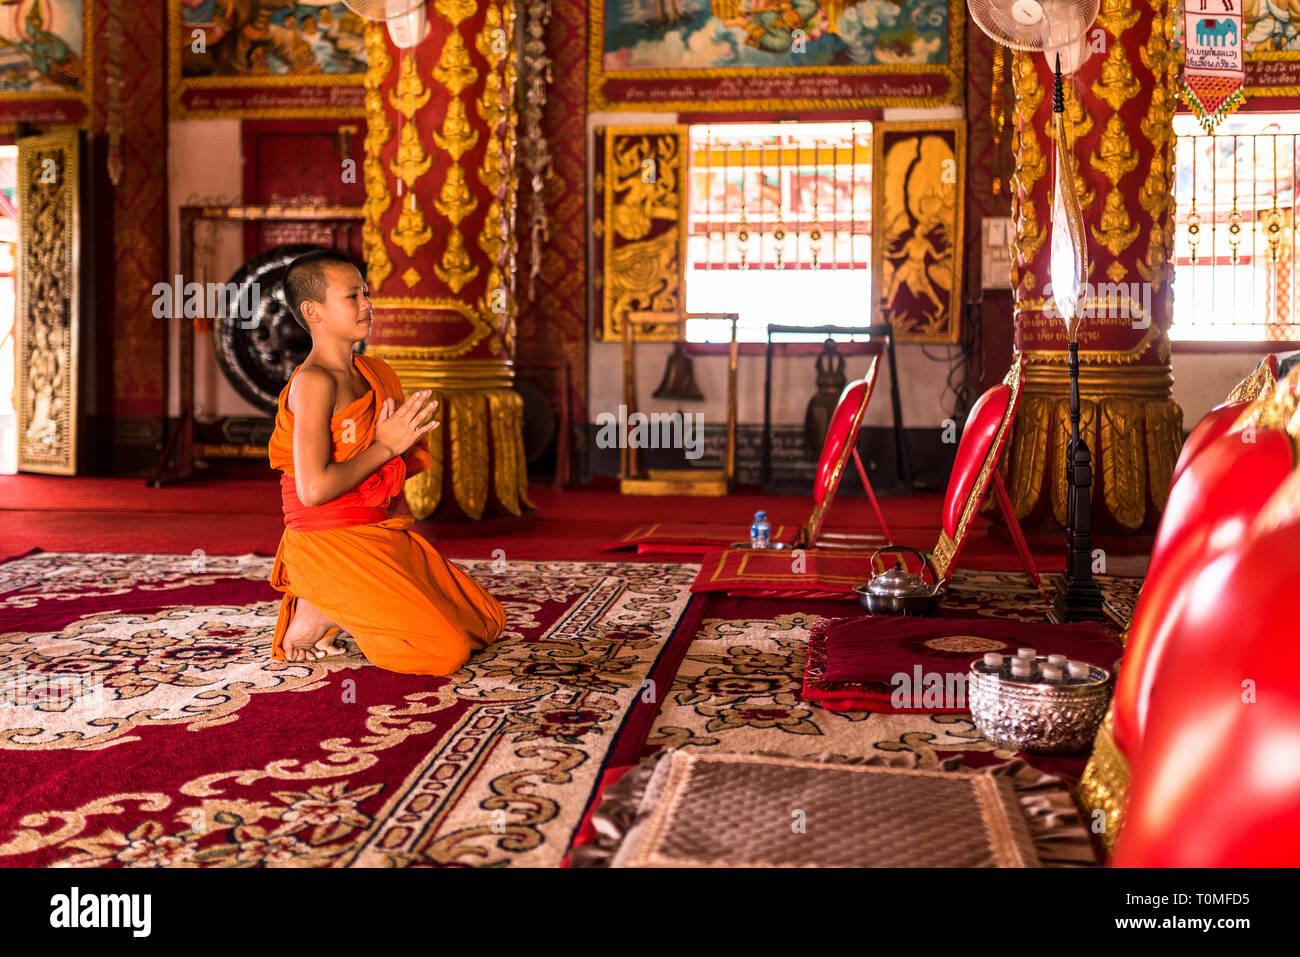 Jeune moine dans un temple, au Laos Banque D'Images